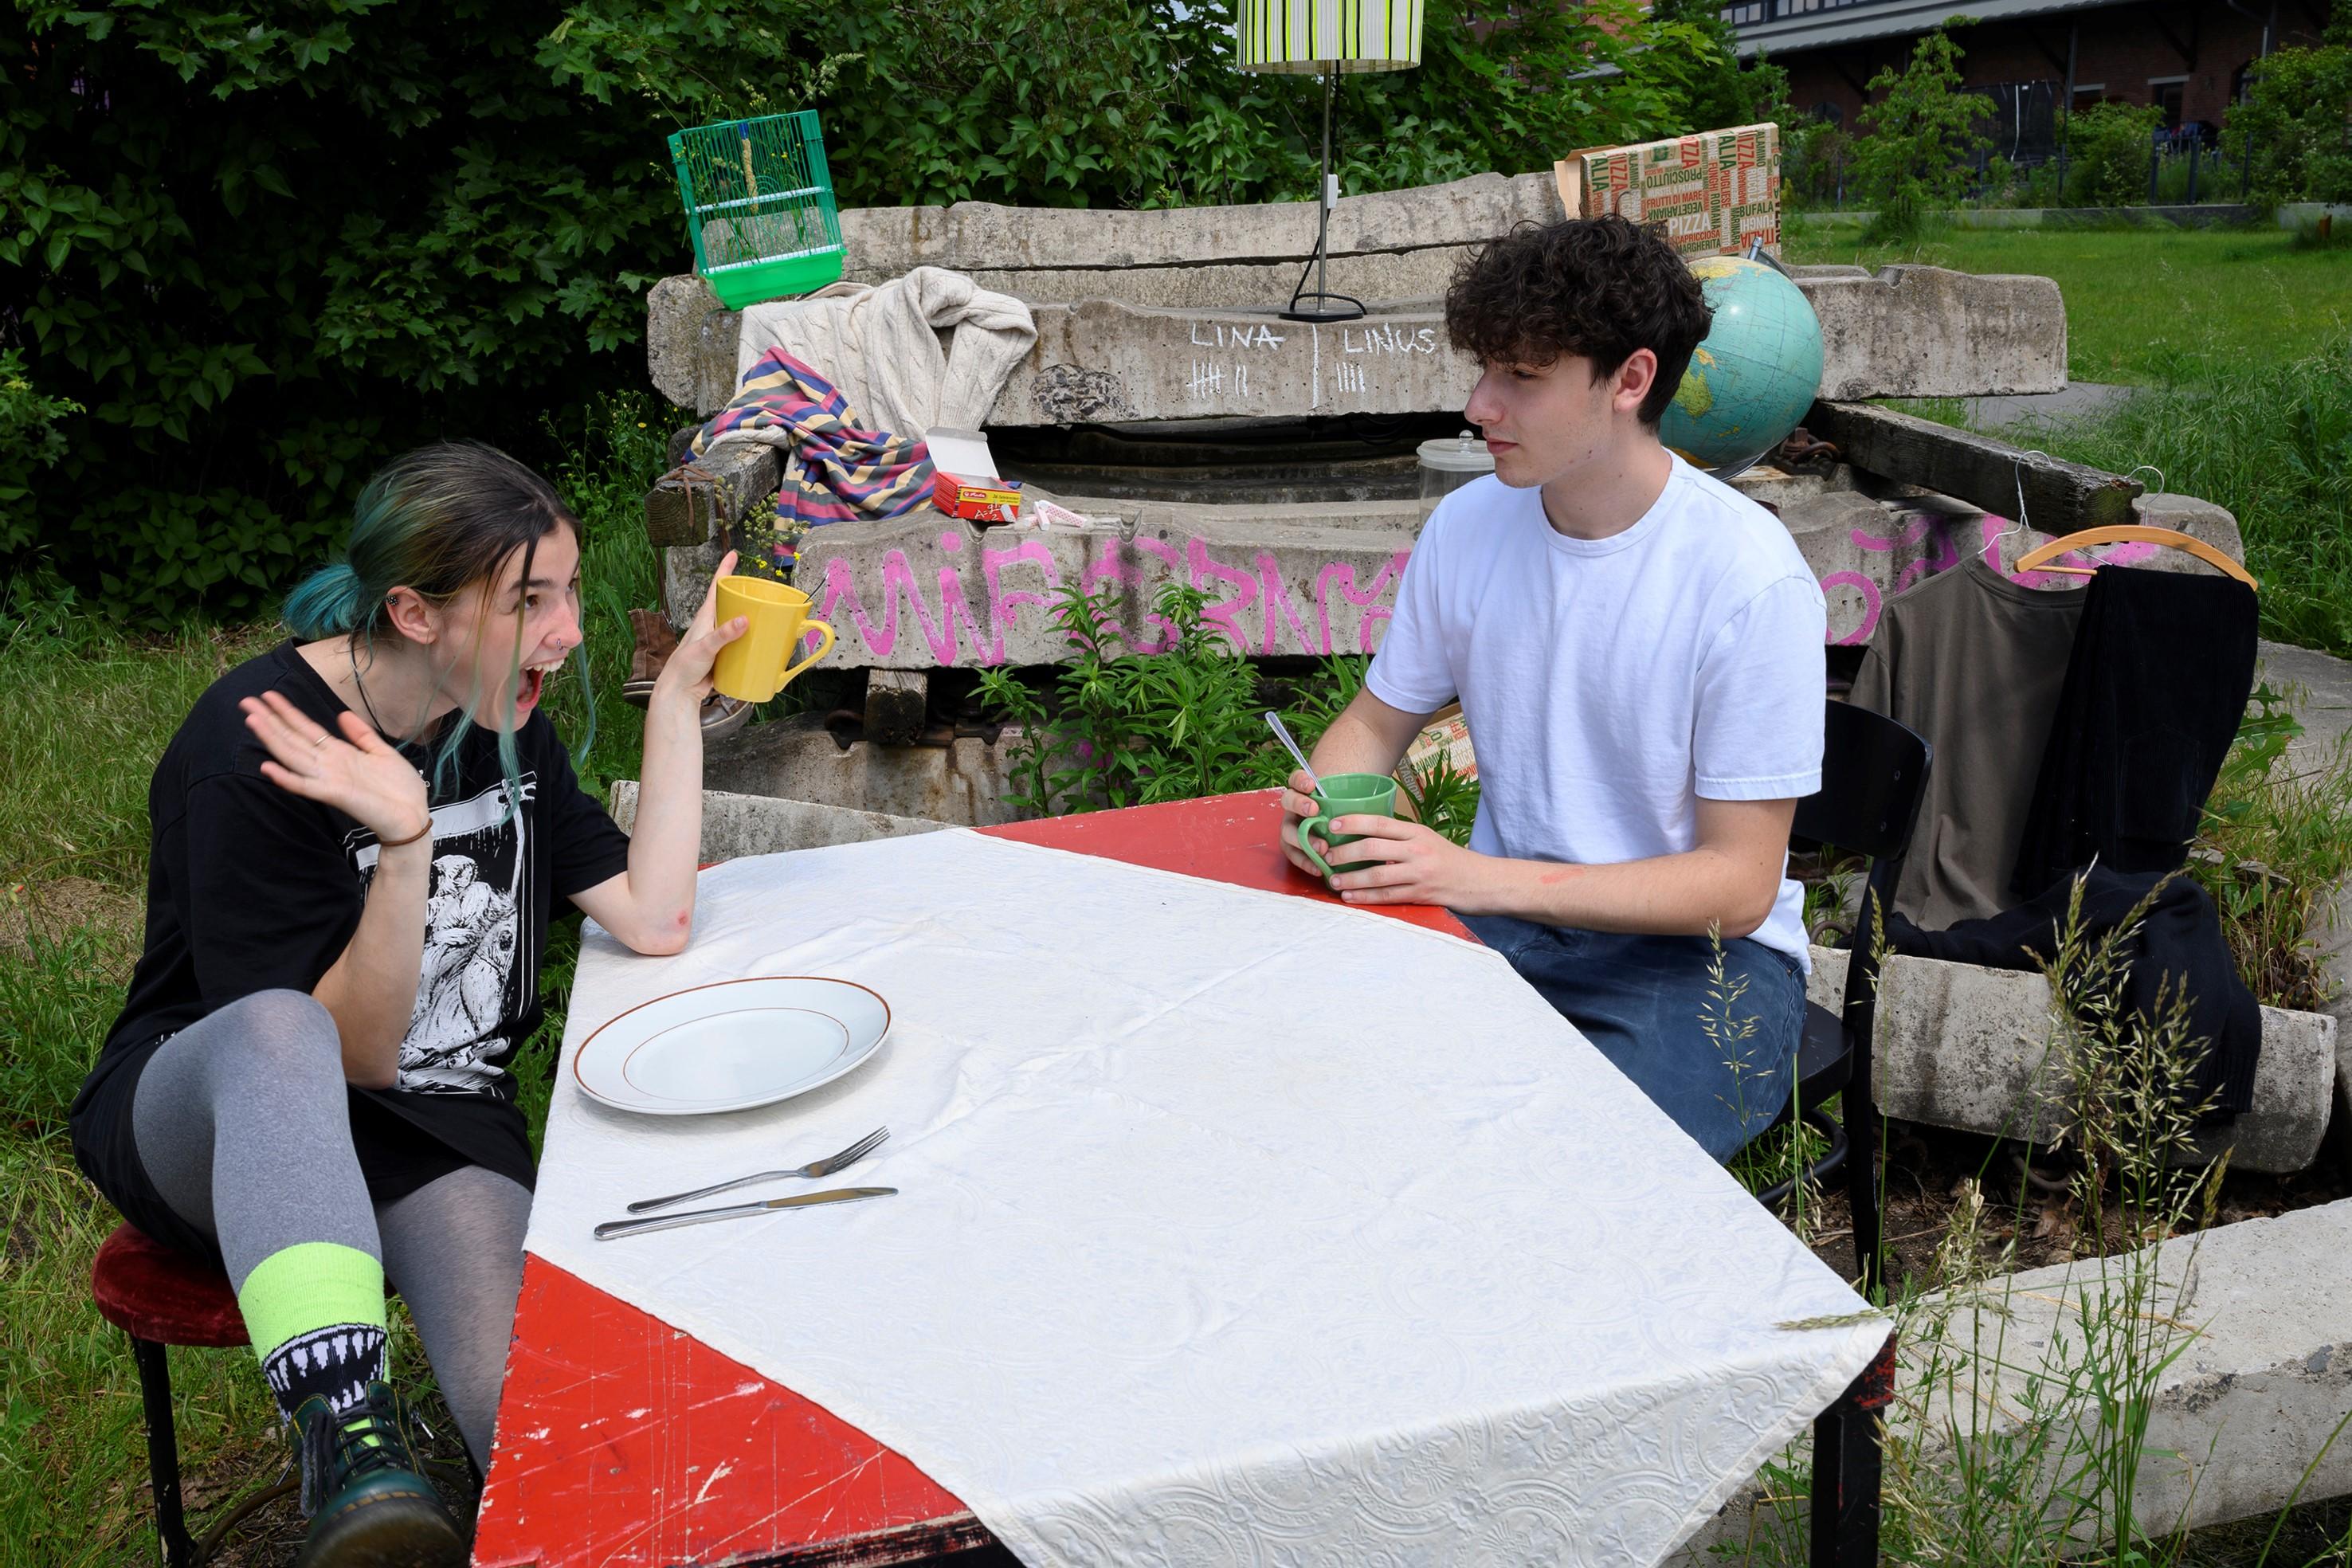 Eine erfreute und eine nachdenkliche Personen gegenüber sitzend an einem Tisch mit Geschirr vor Betonelementen im Gras.